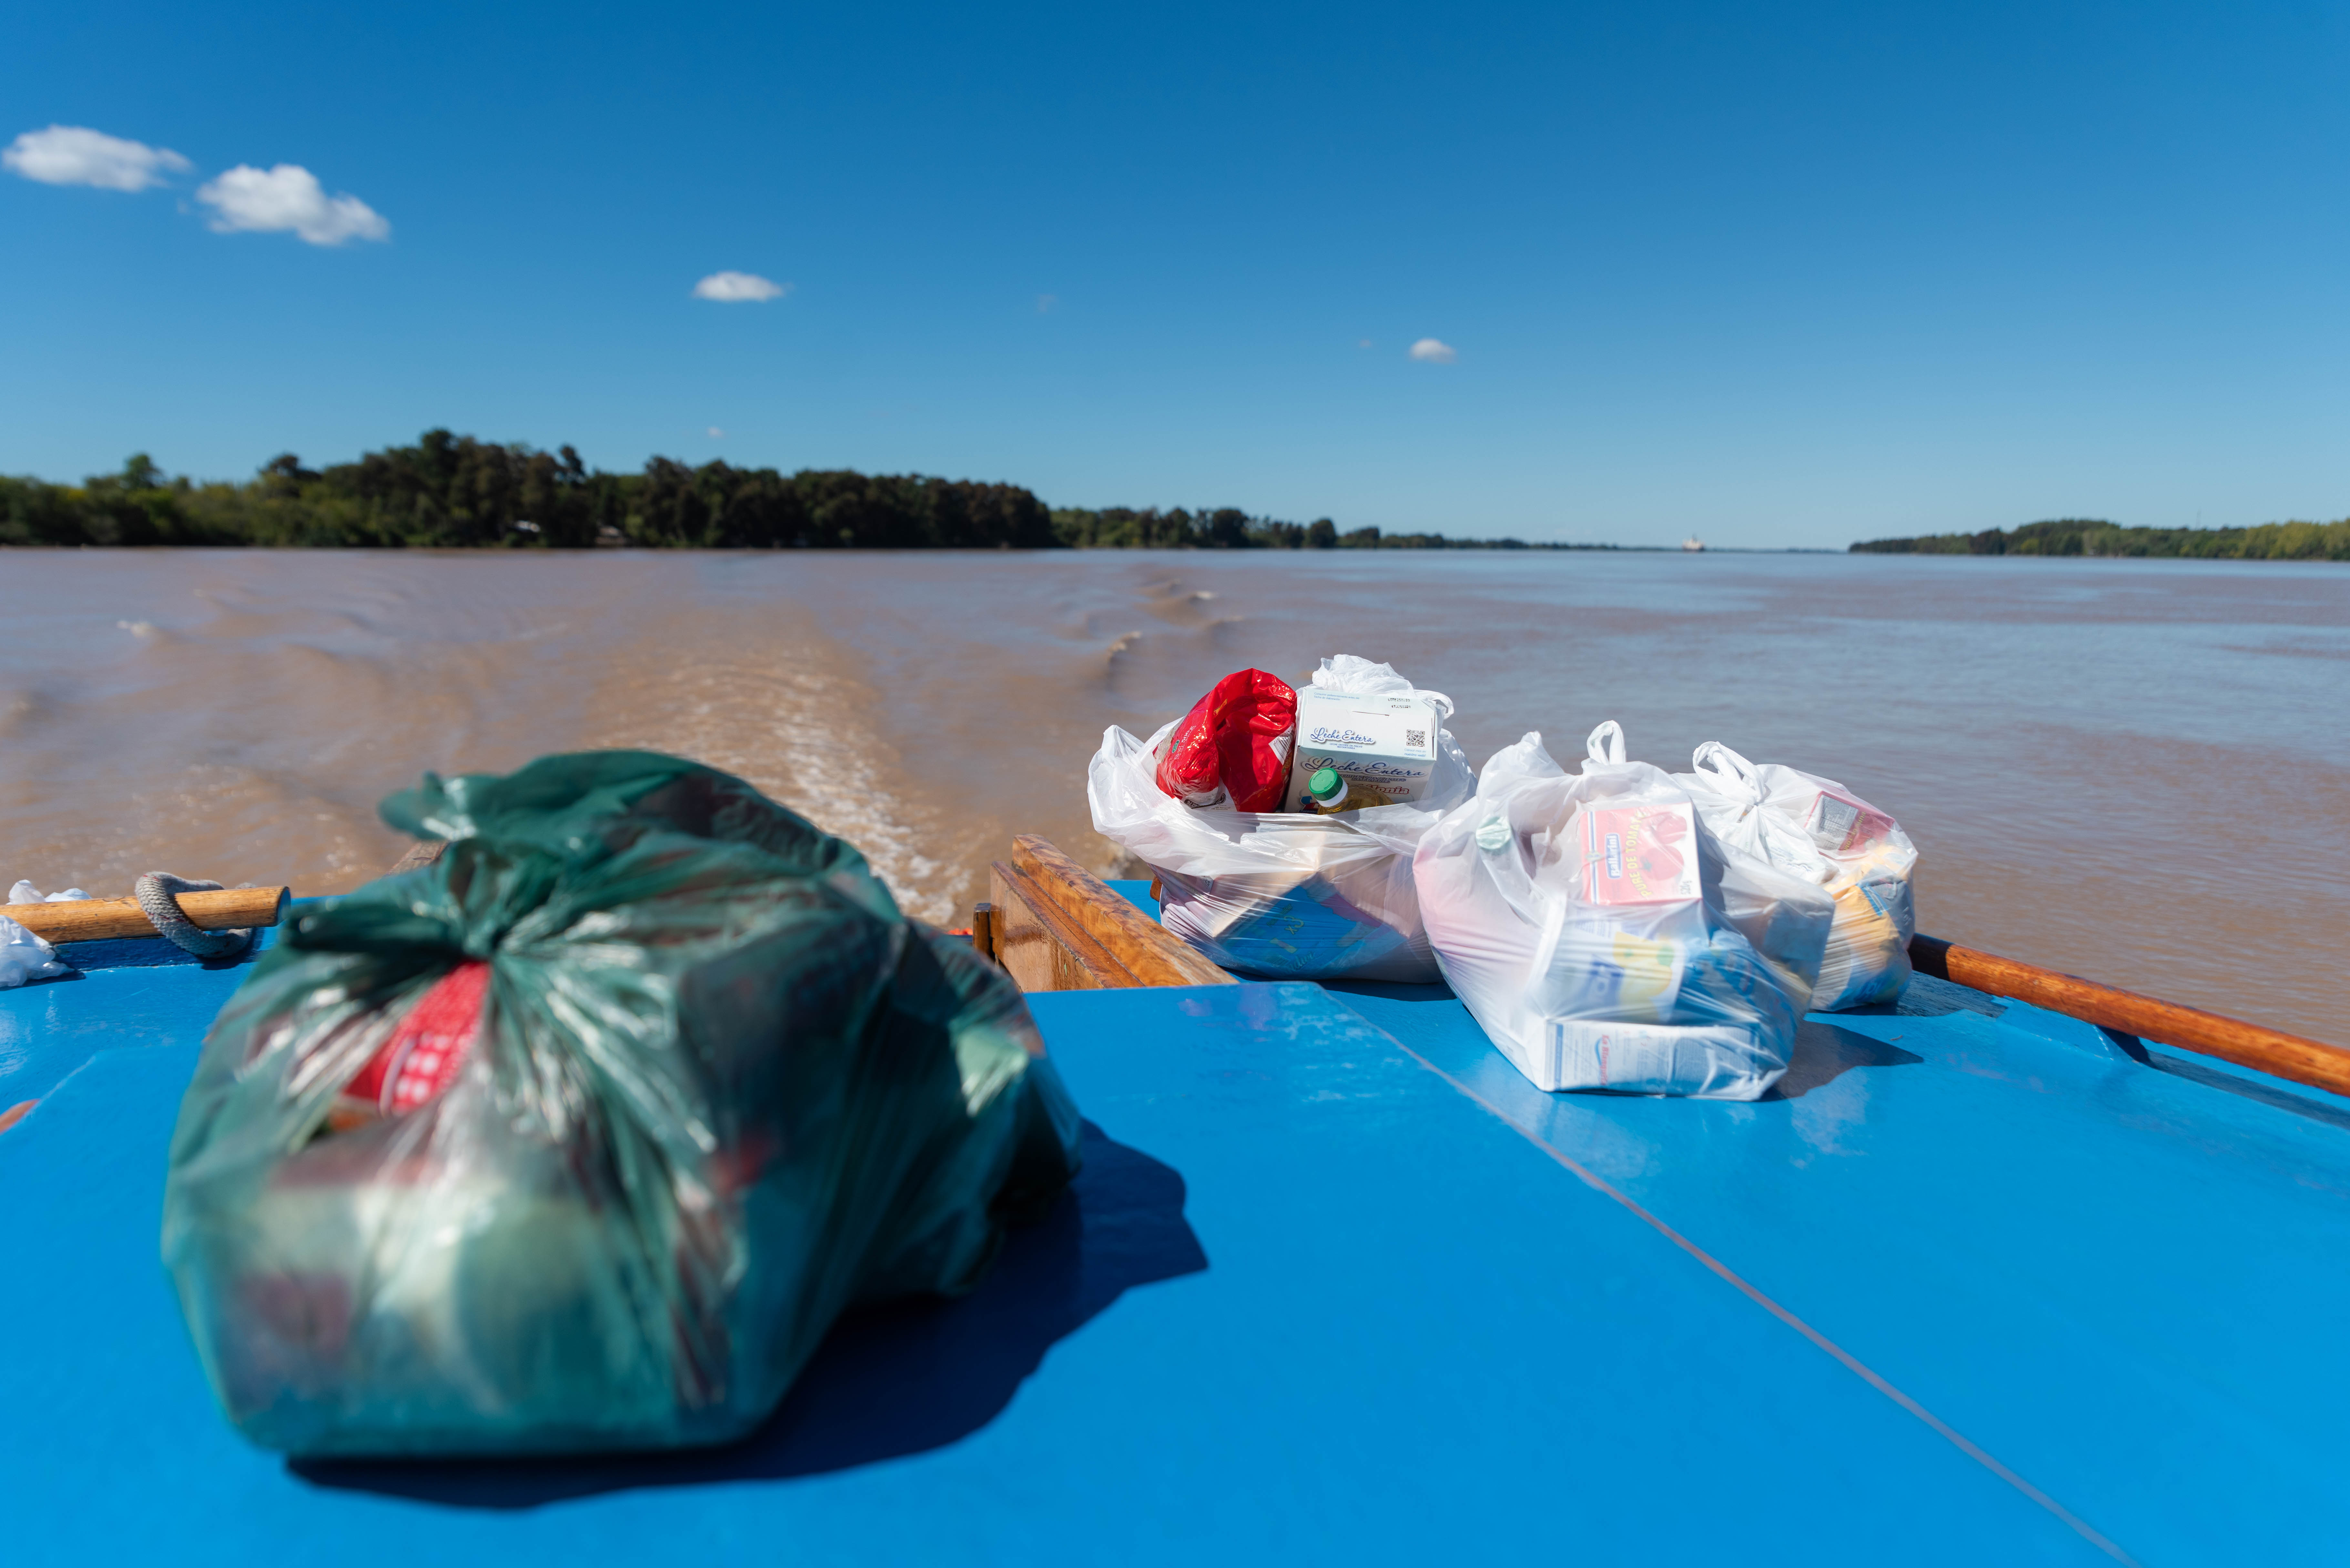 Los últimos kits a repartir fueron entregados al final del recorrido en el Río Paraná. (Foto: Franco Fafasuli)